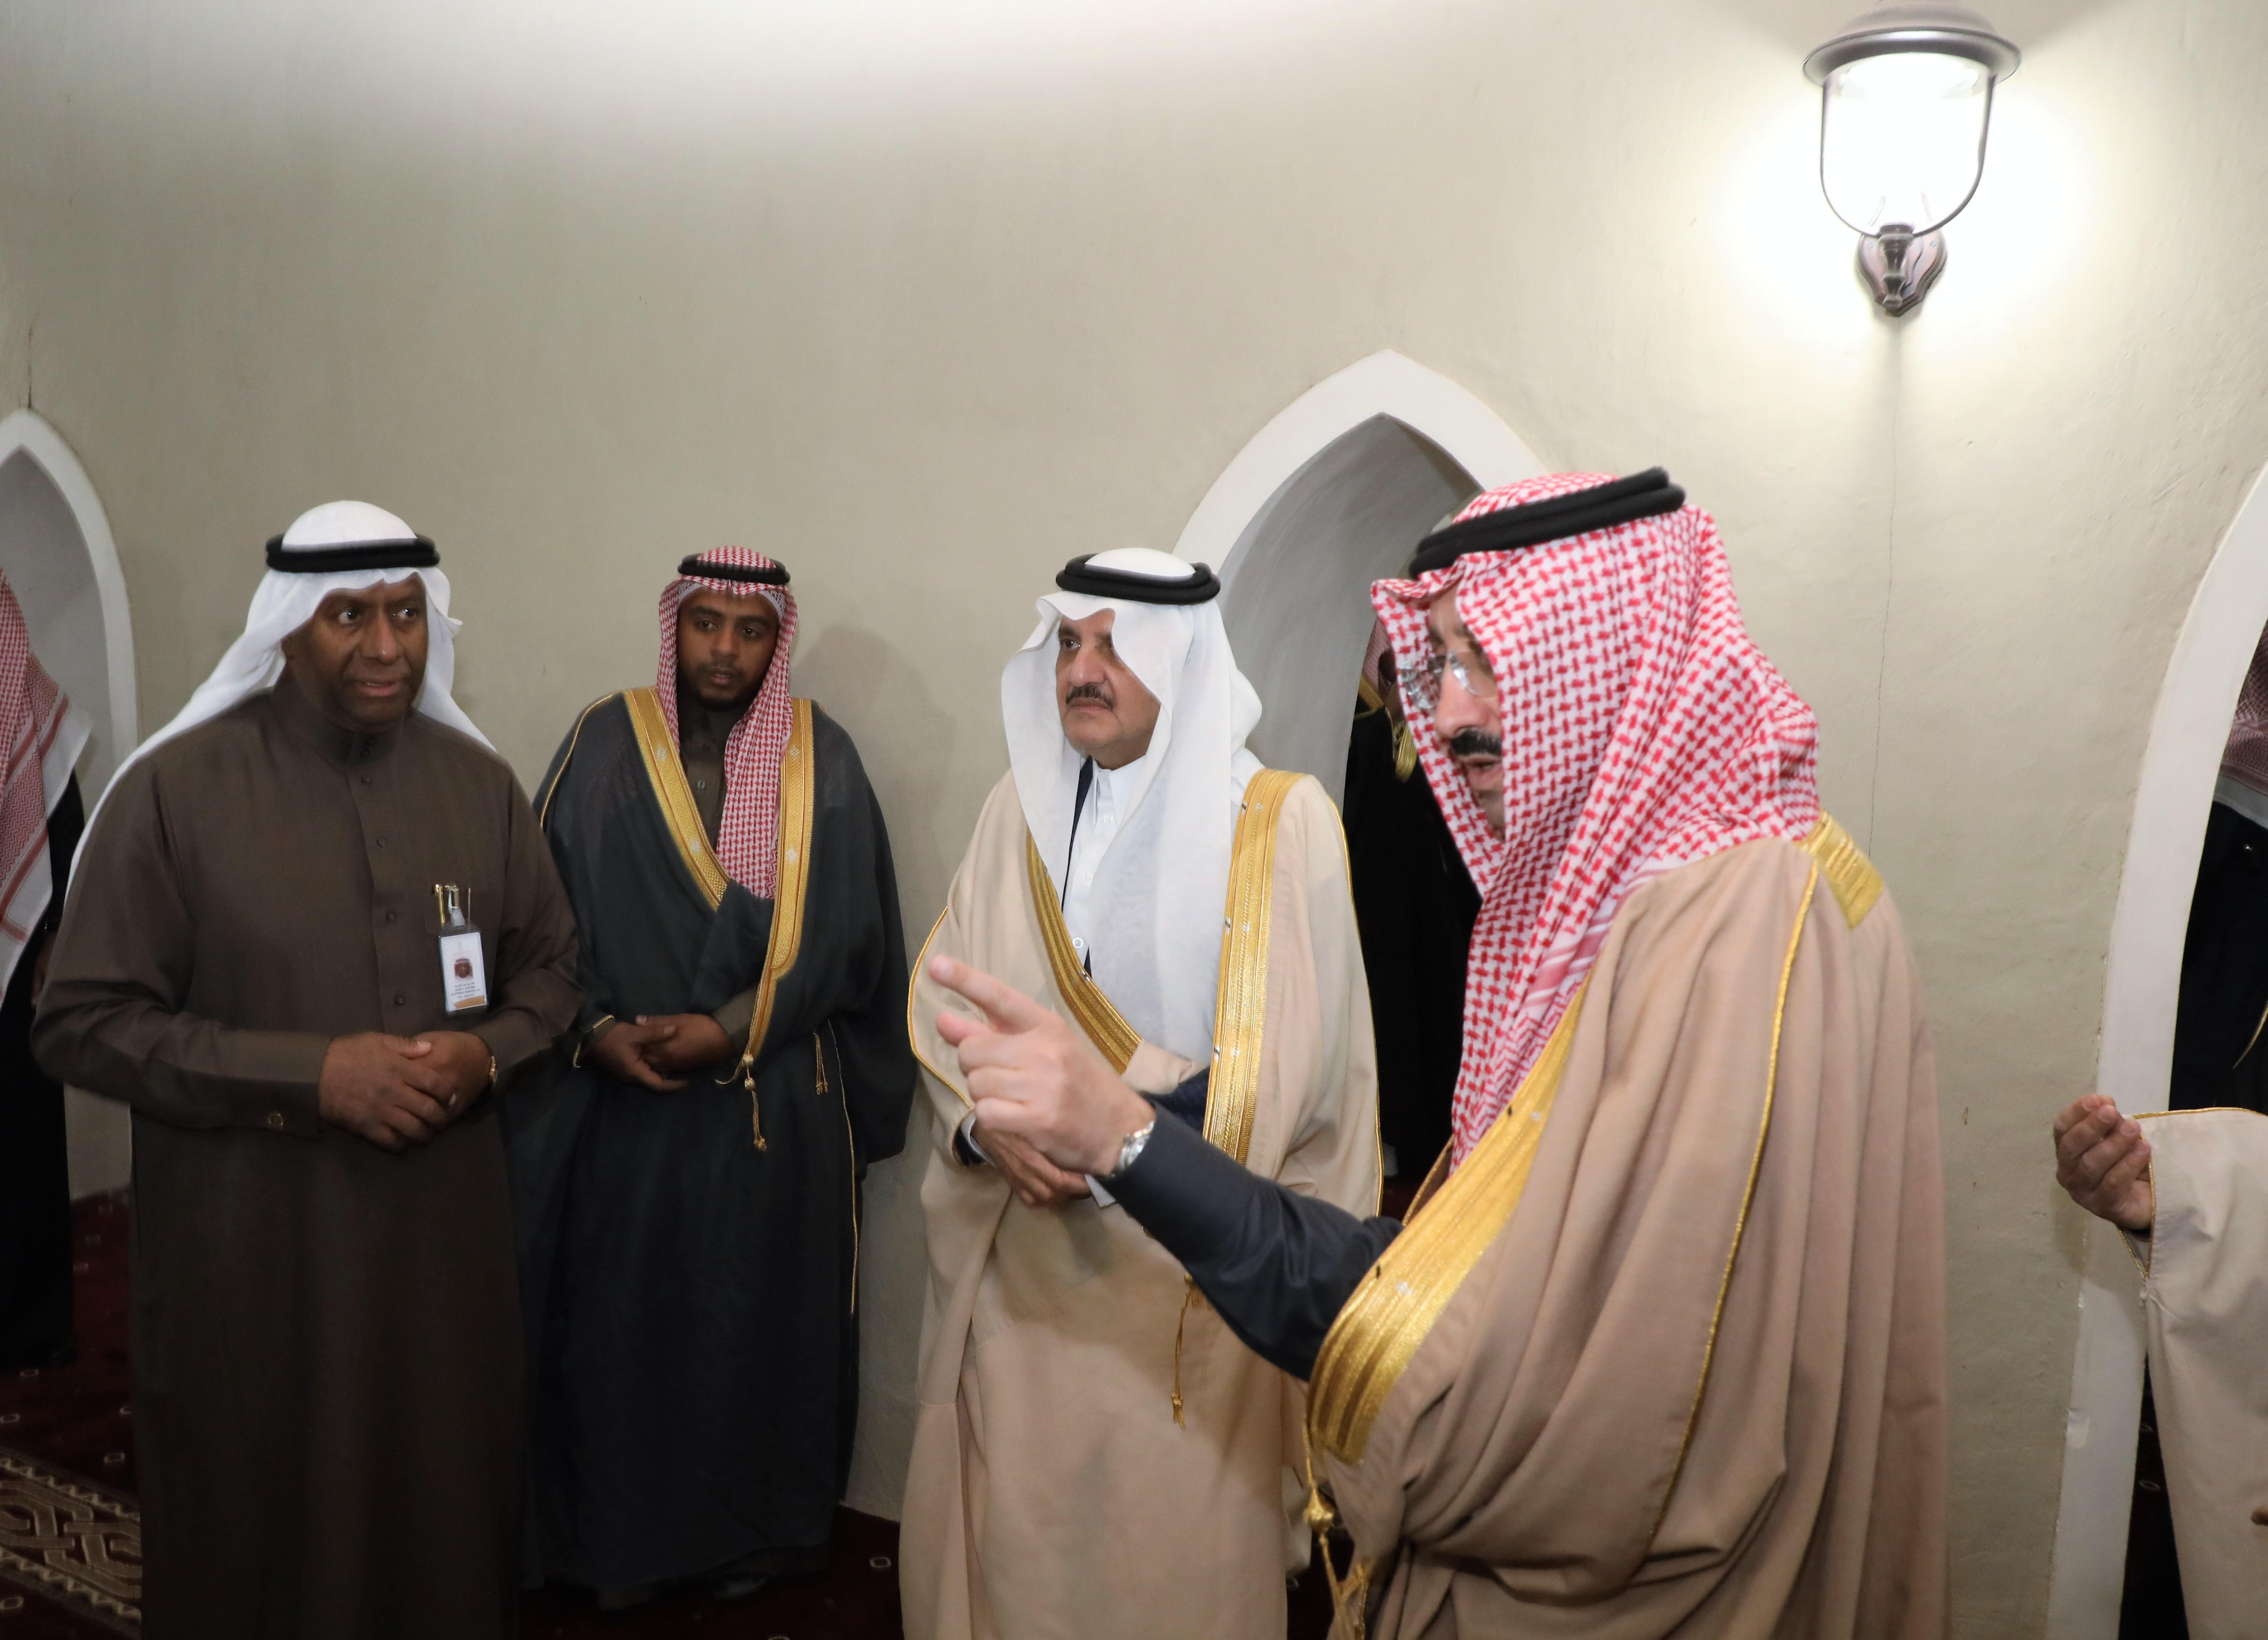 أمير الشرقية يزور مسجد جواثا التاريخي بالأحساء